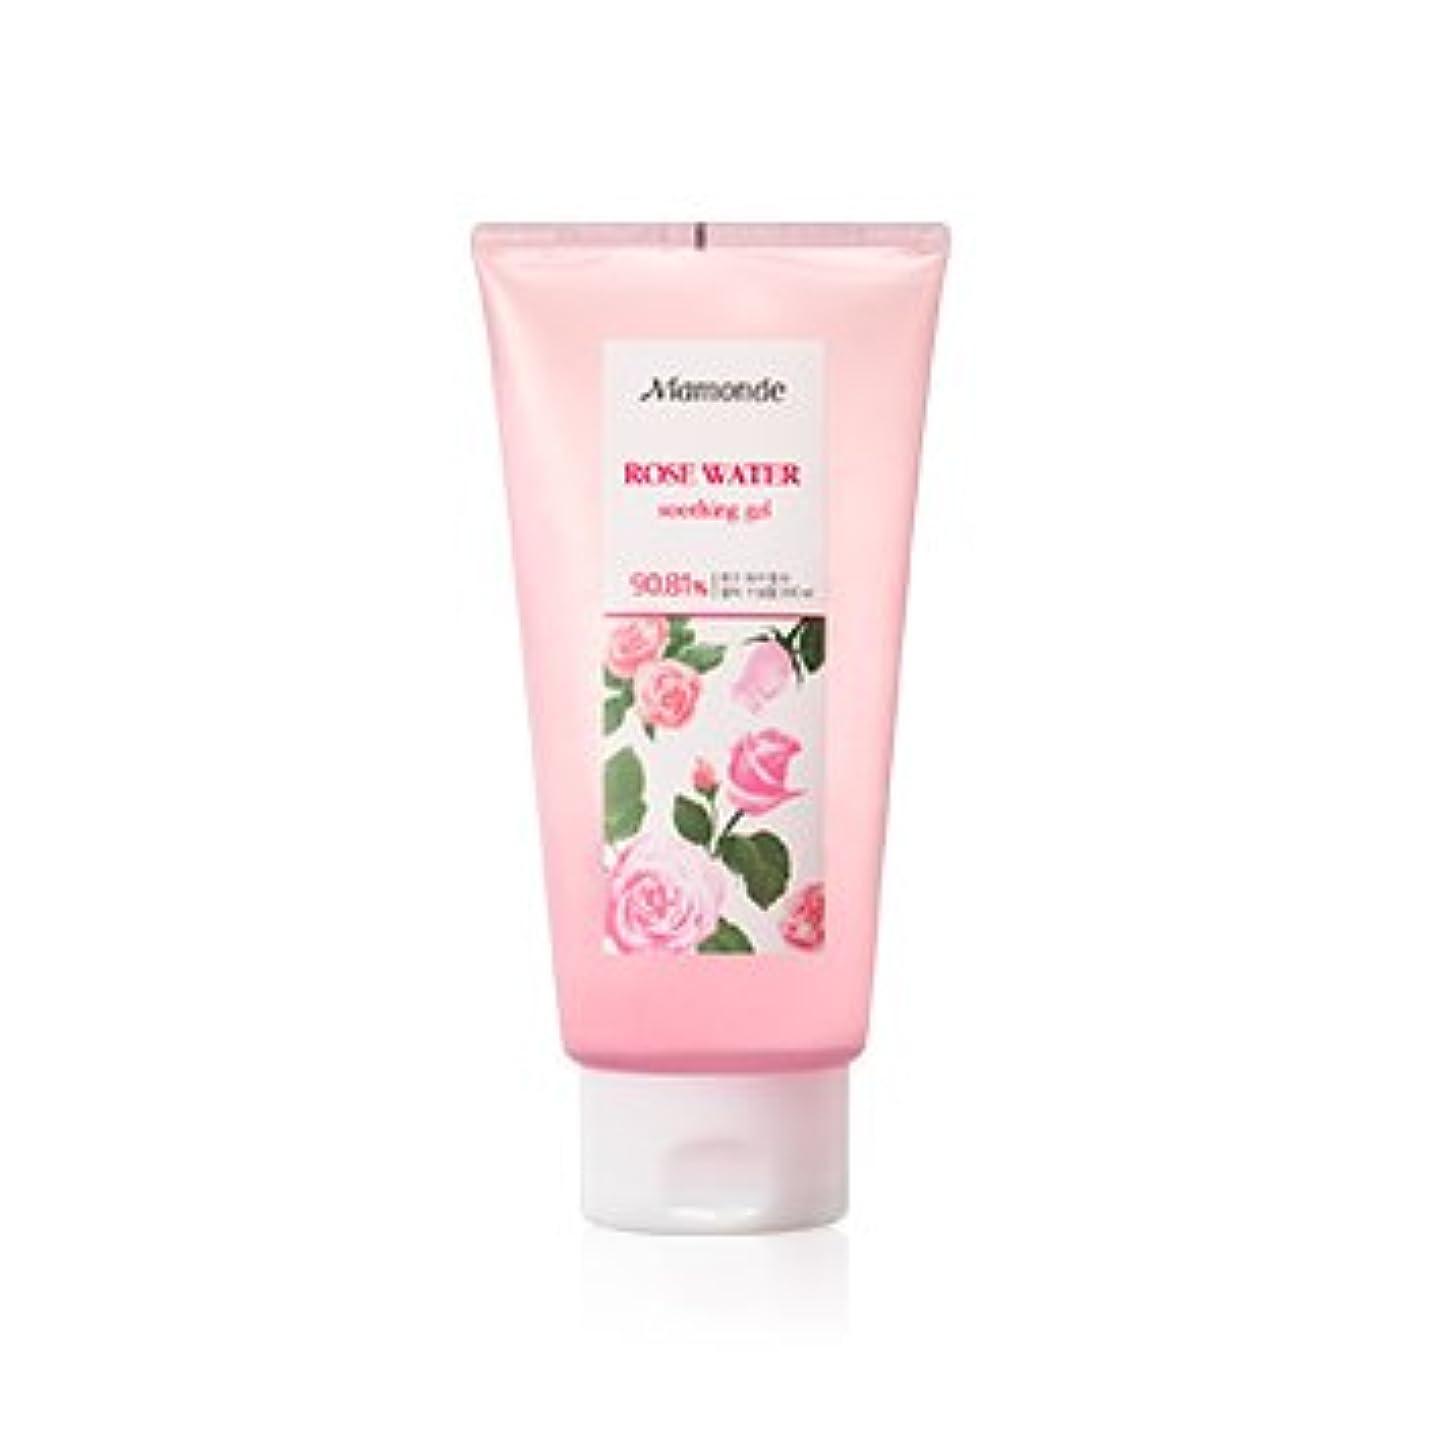 登る寄託伝統的Mamonde Rose Water Soothing Gel 300ml/マモンド ローズ ウォーター スージング ジェル 300ml [並行輸入品]